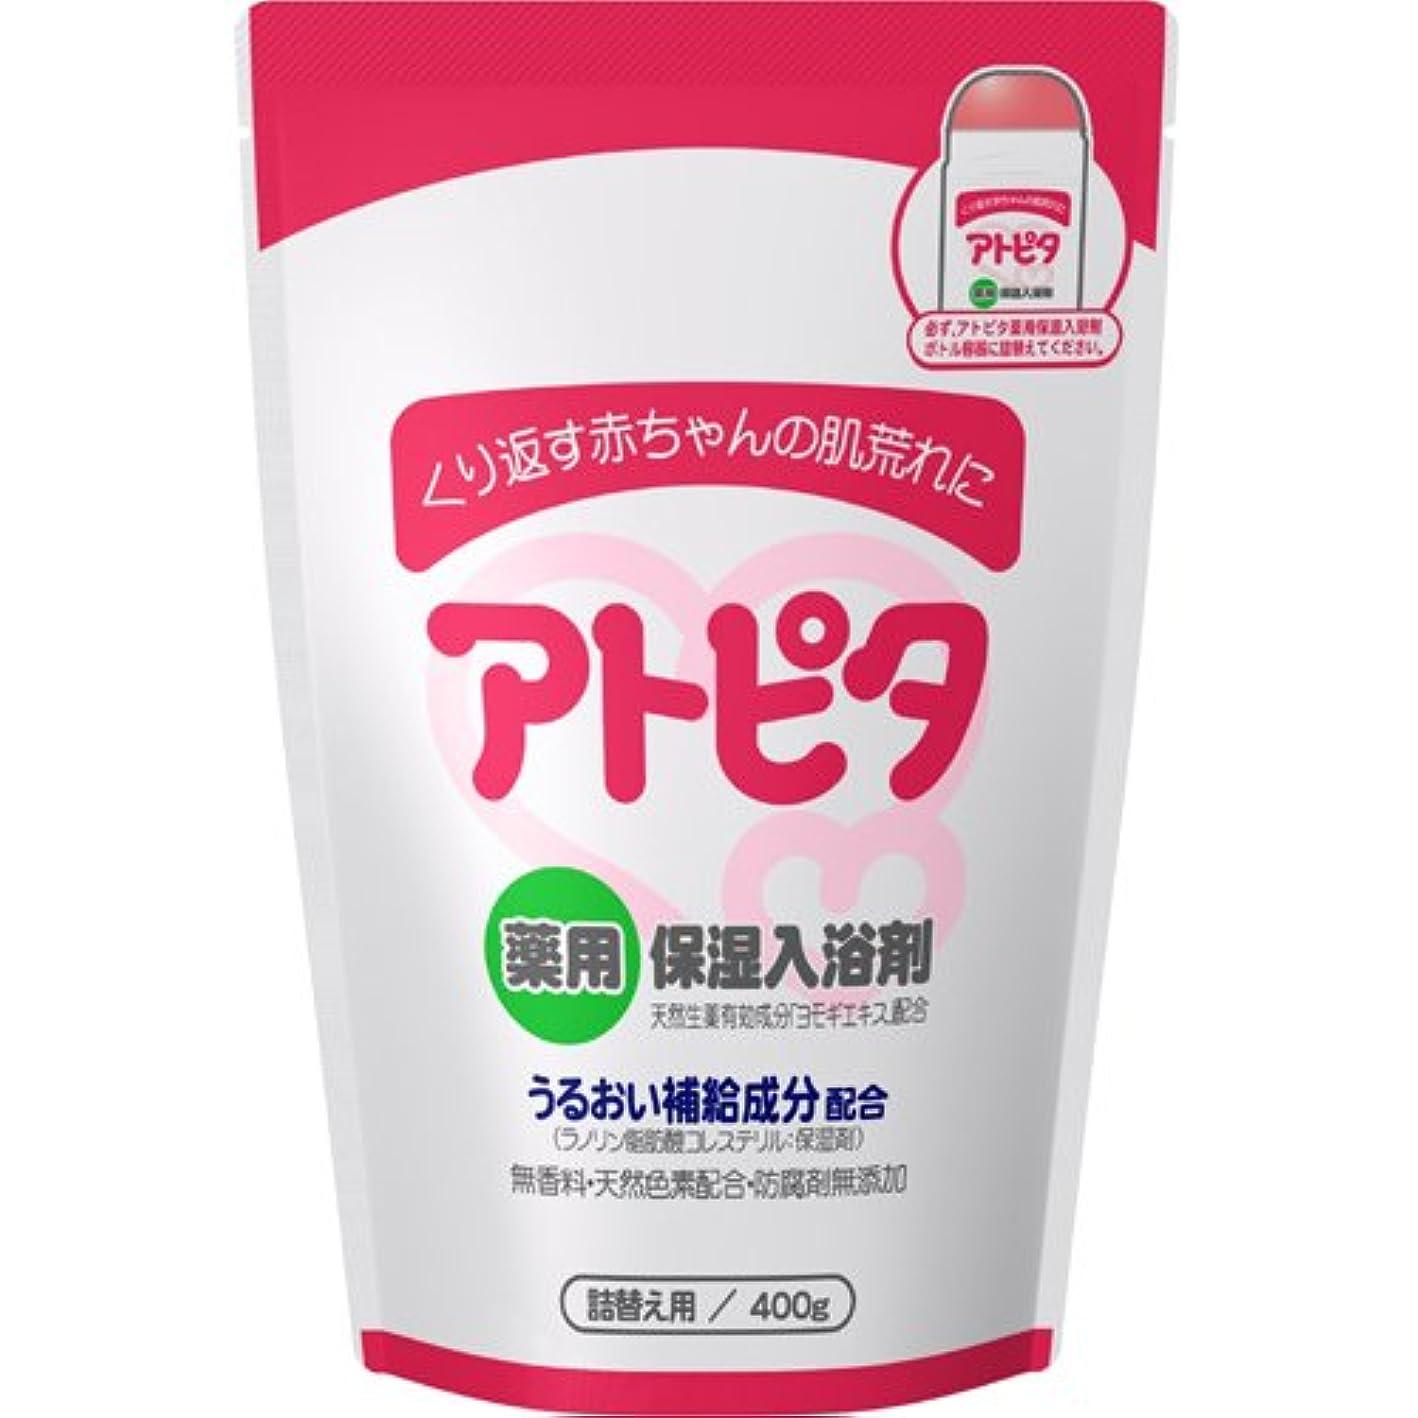 端ウェイターウェブ新アルエット アトピタ 薬用入浴剤 詰替え 400g ×5個セット